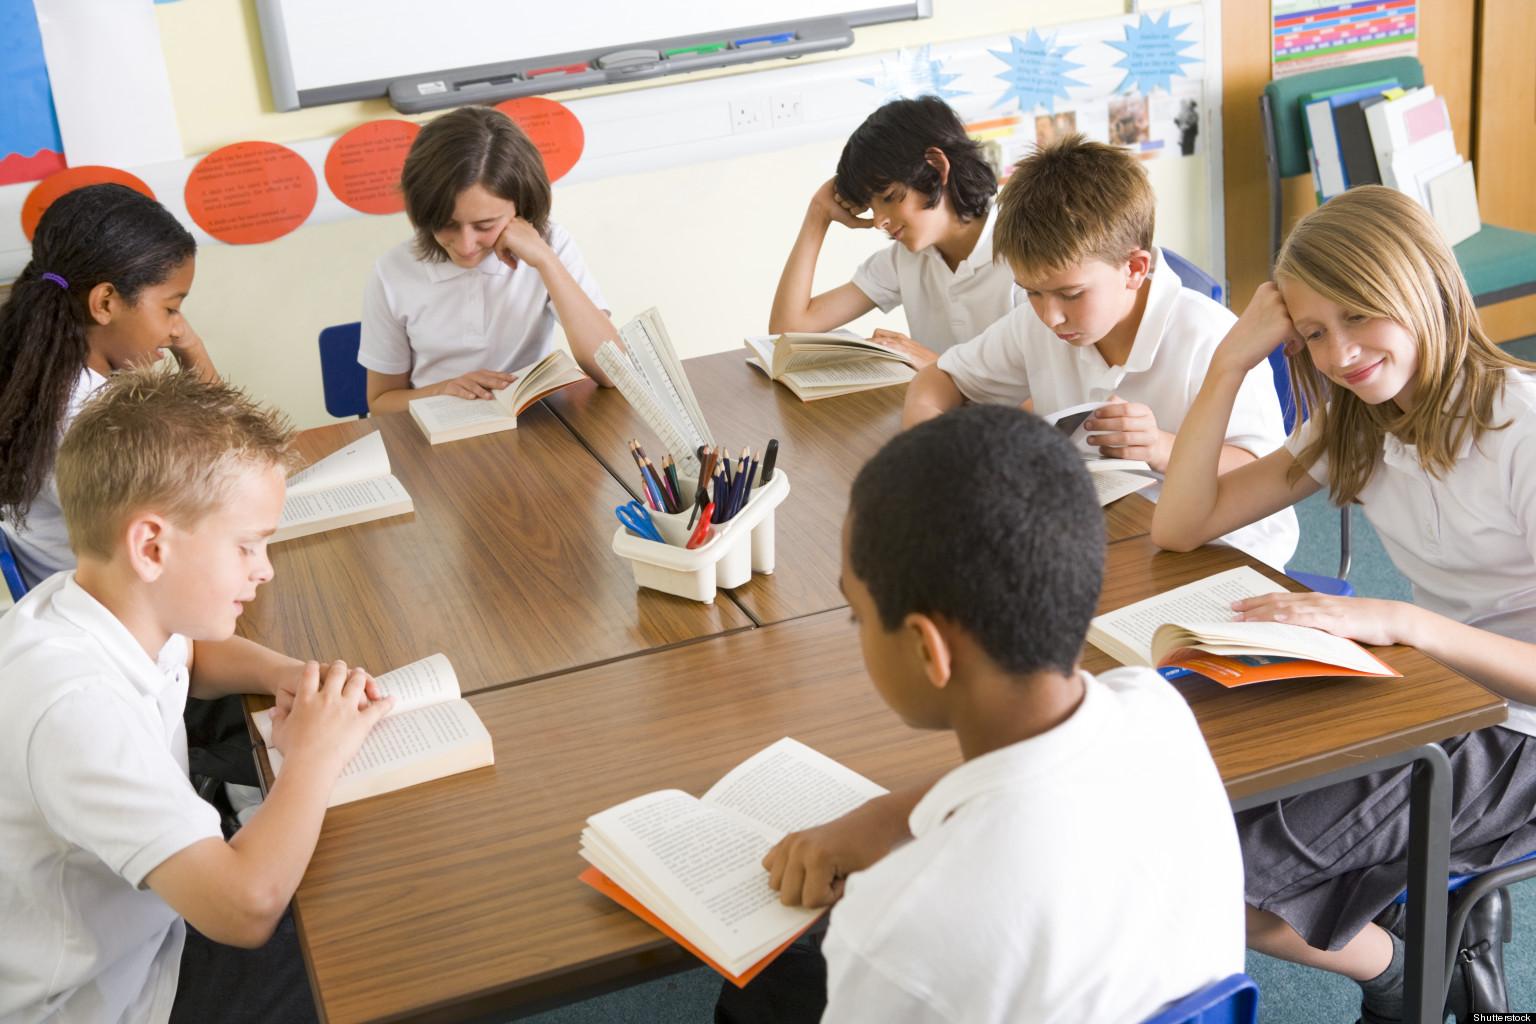 talk table persepolis classrooms schools